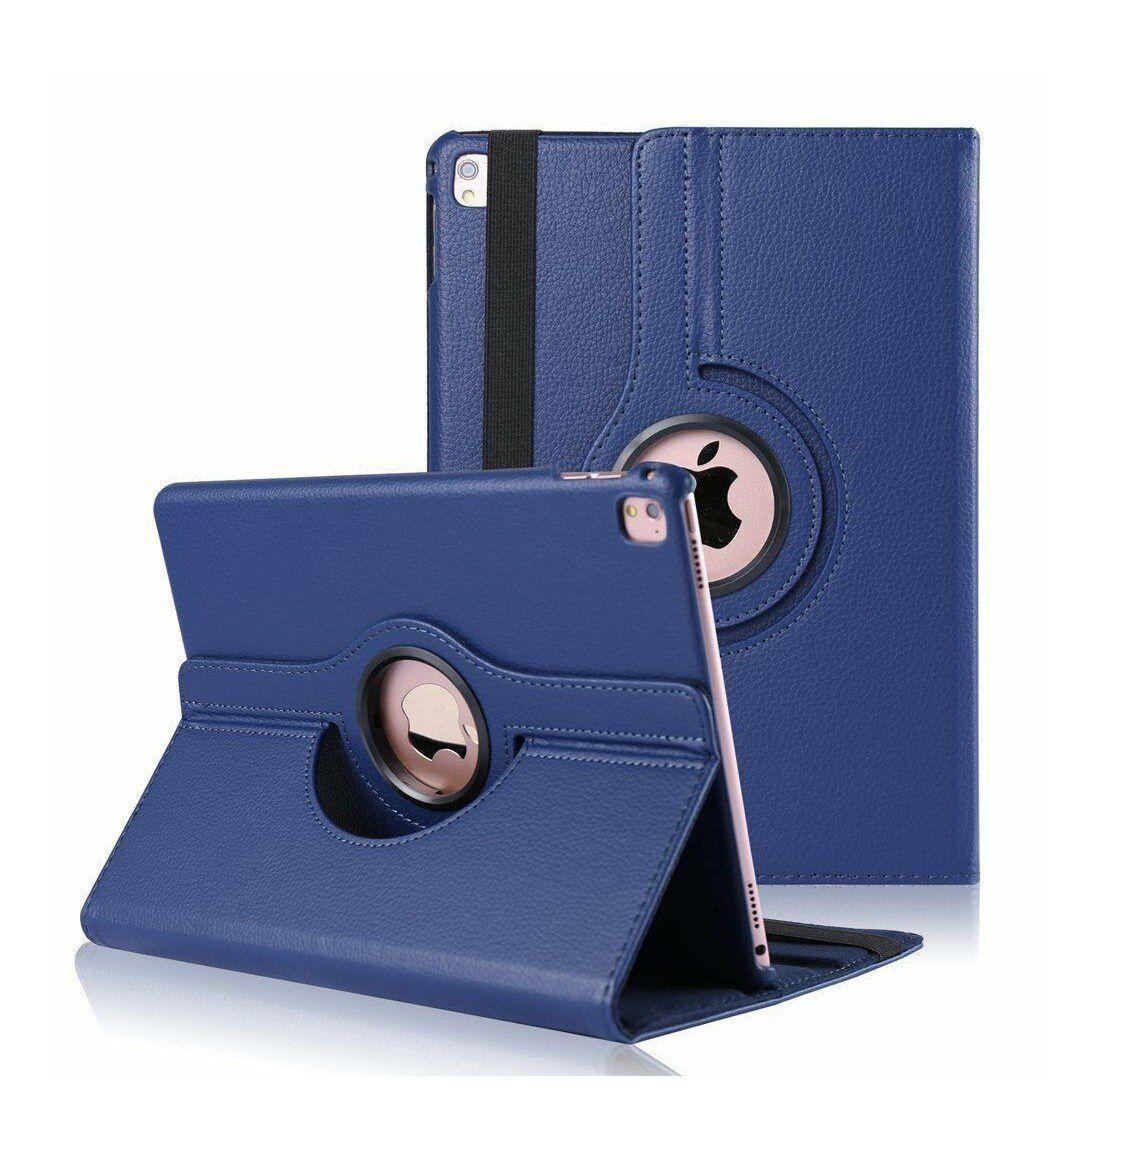 Capa para Ipad Pró 12.9 Apple 3º geração A1876 Couro Sintético Giratória Azul Marinho